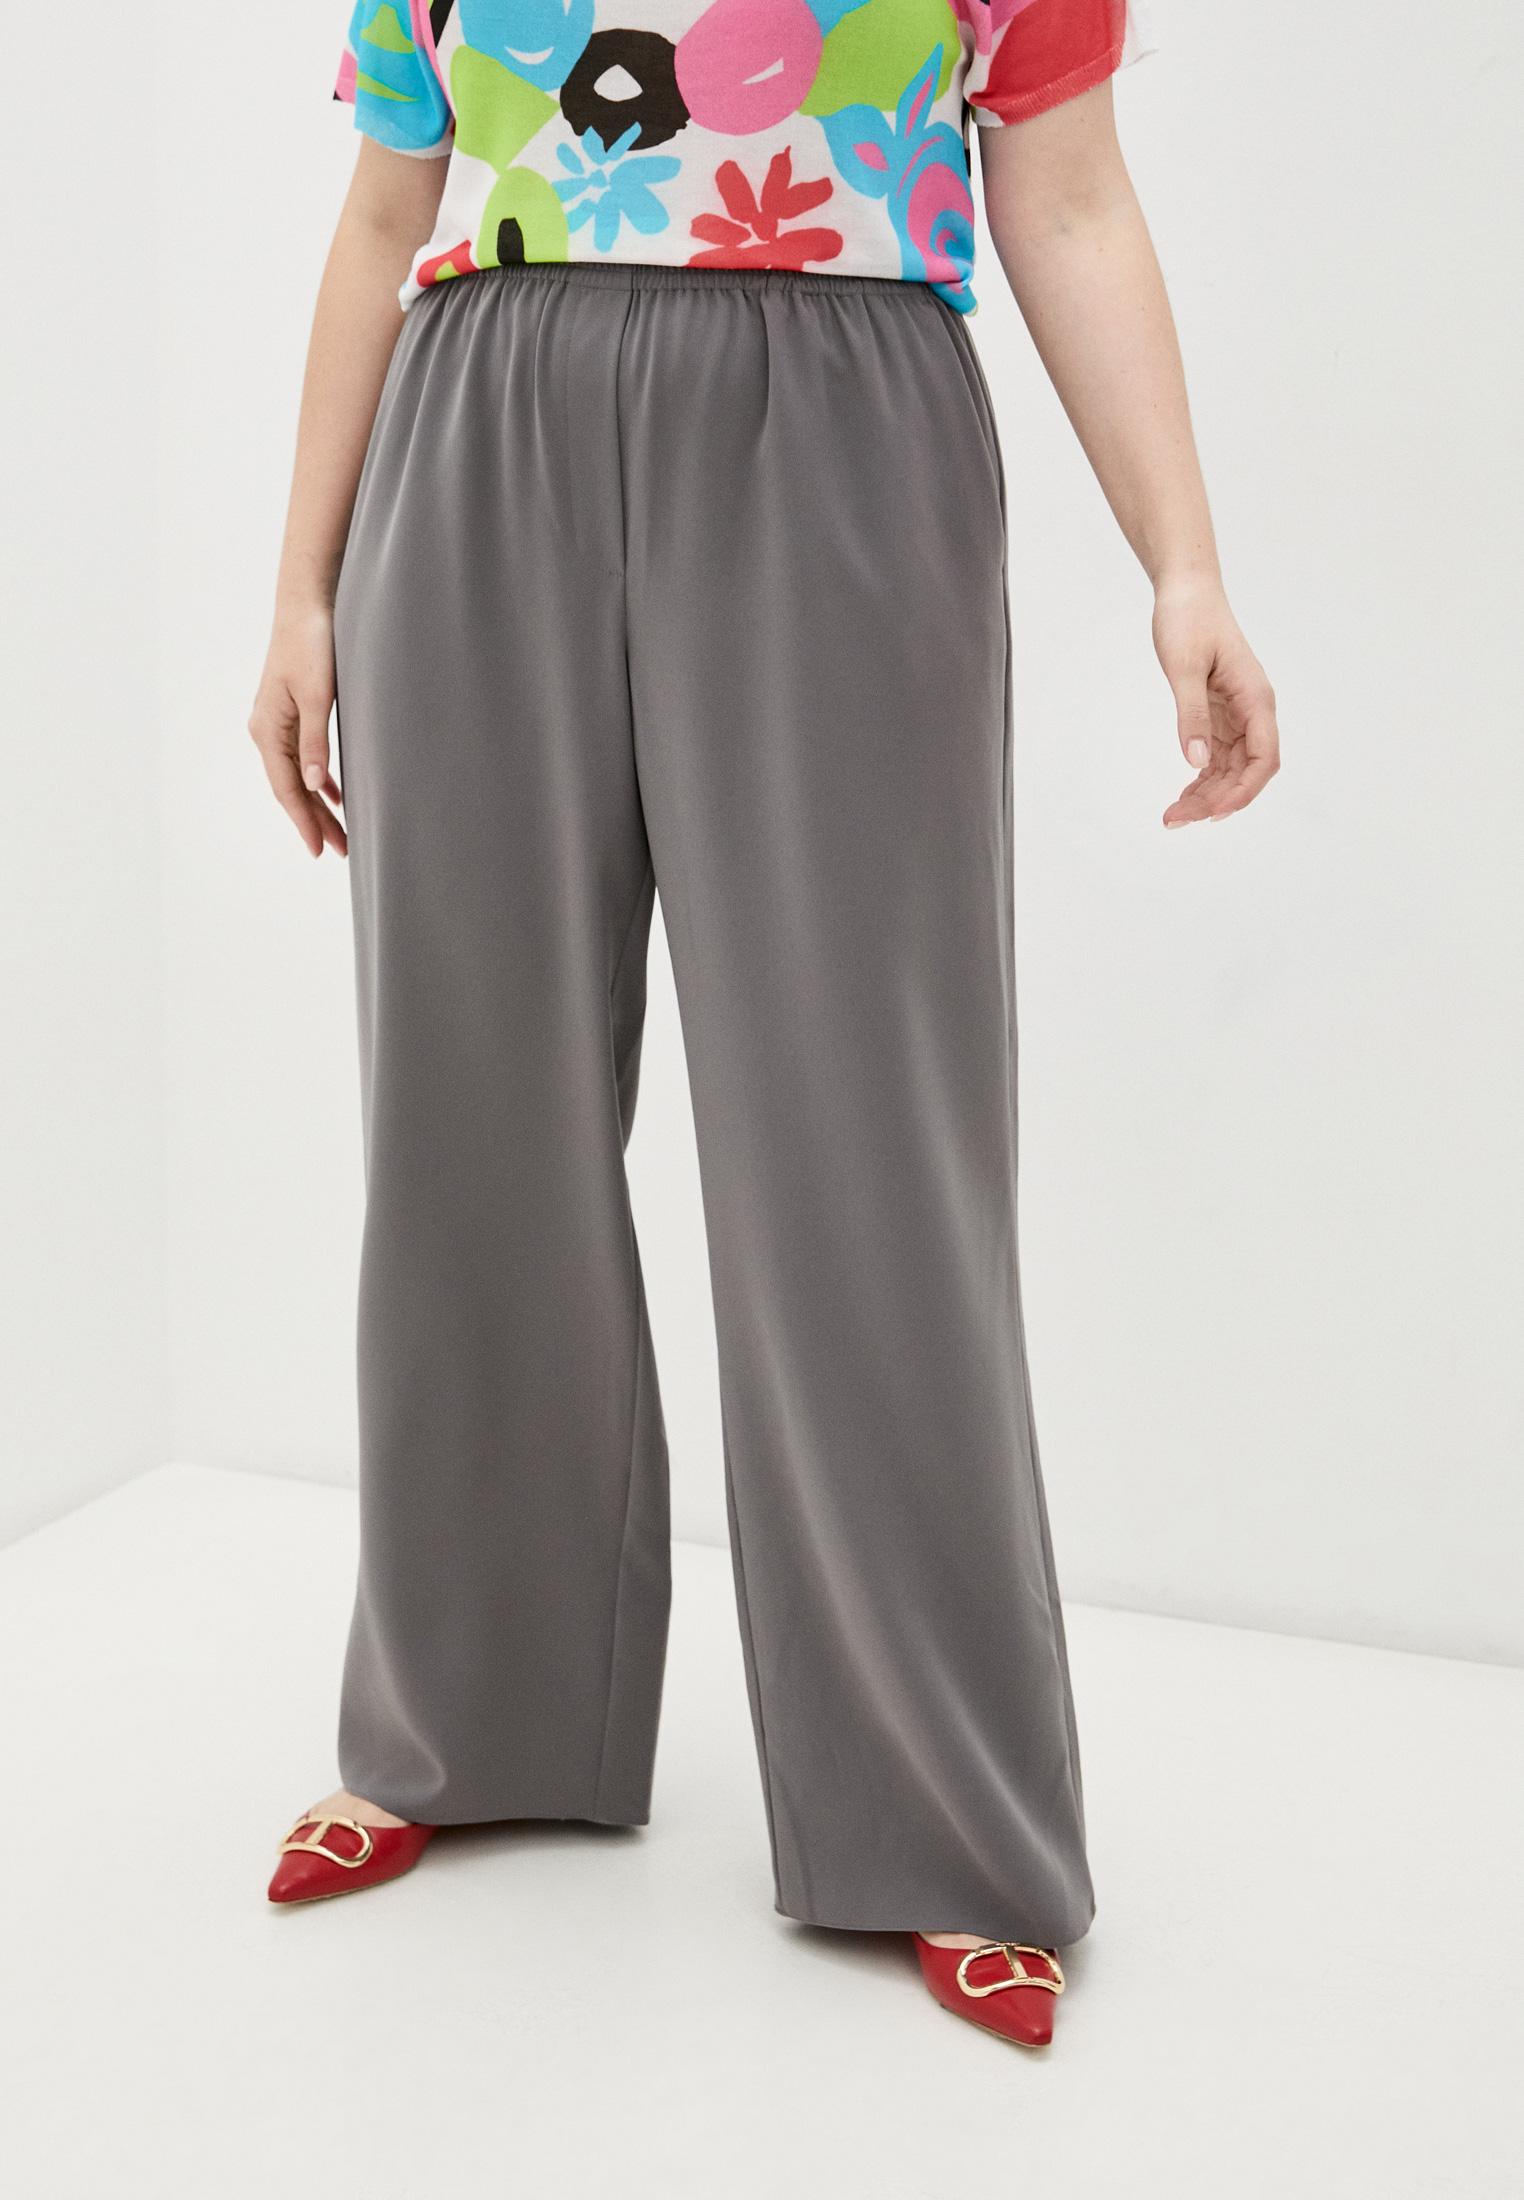 Женские широкие и расклешенные брюки Emporio Armani Брюки Emporio Armani